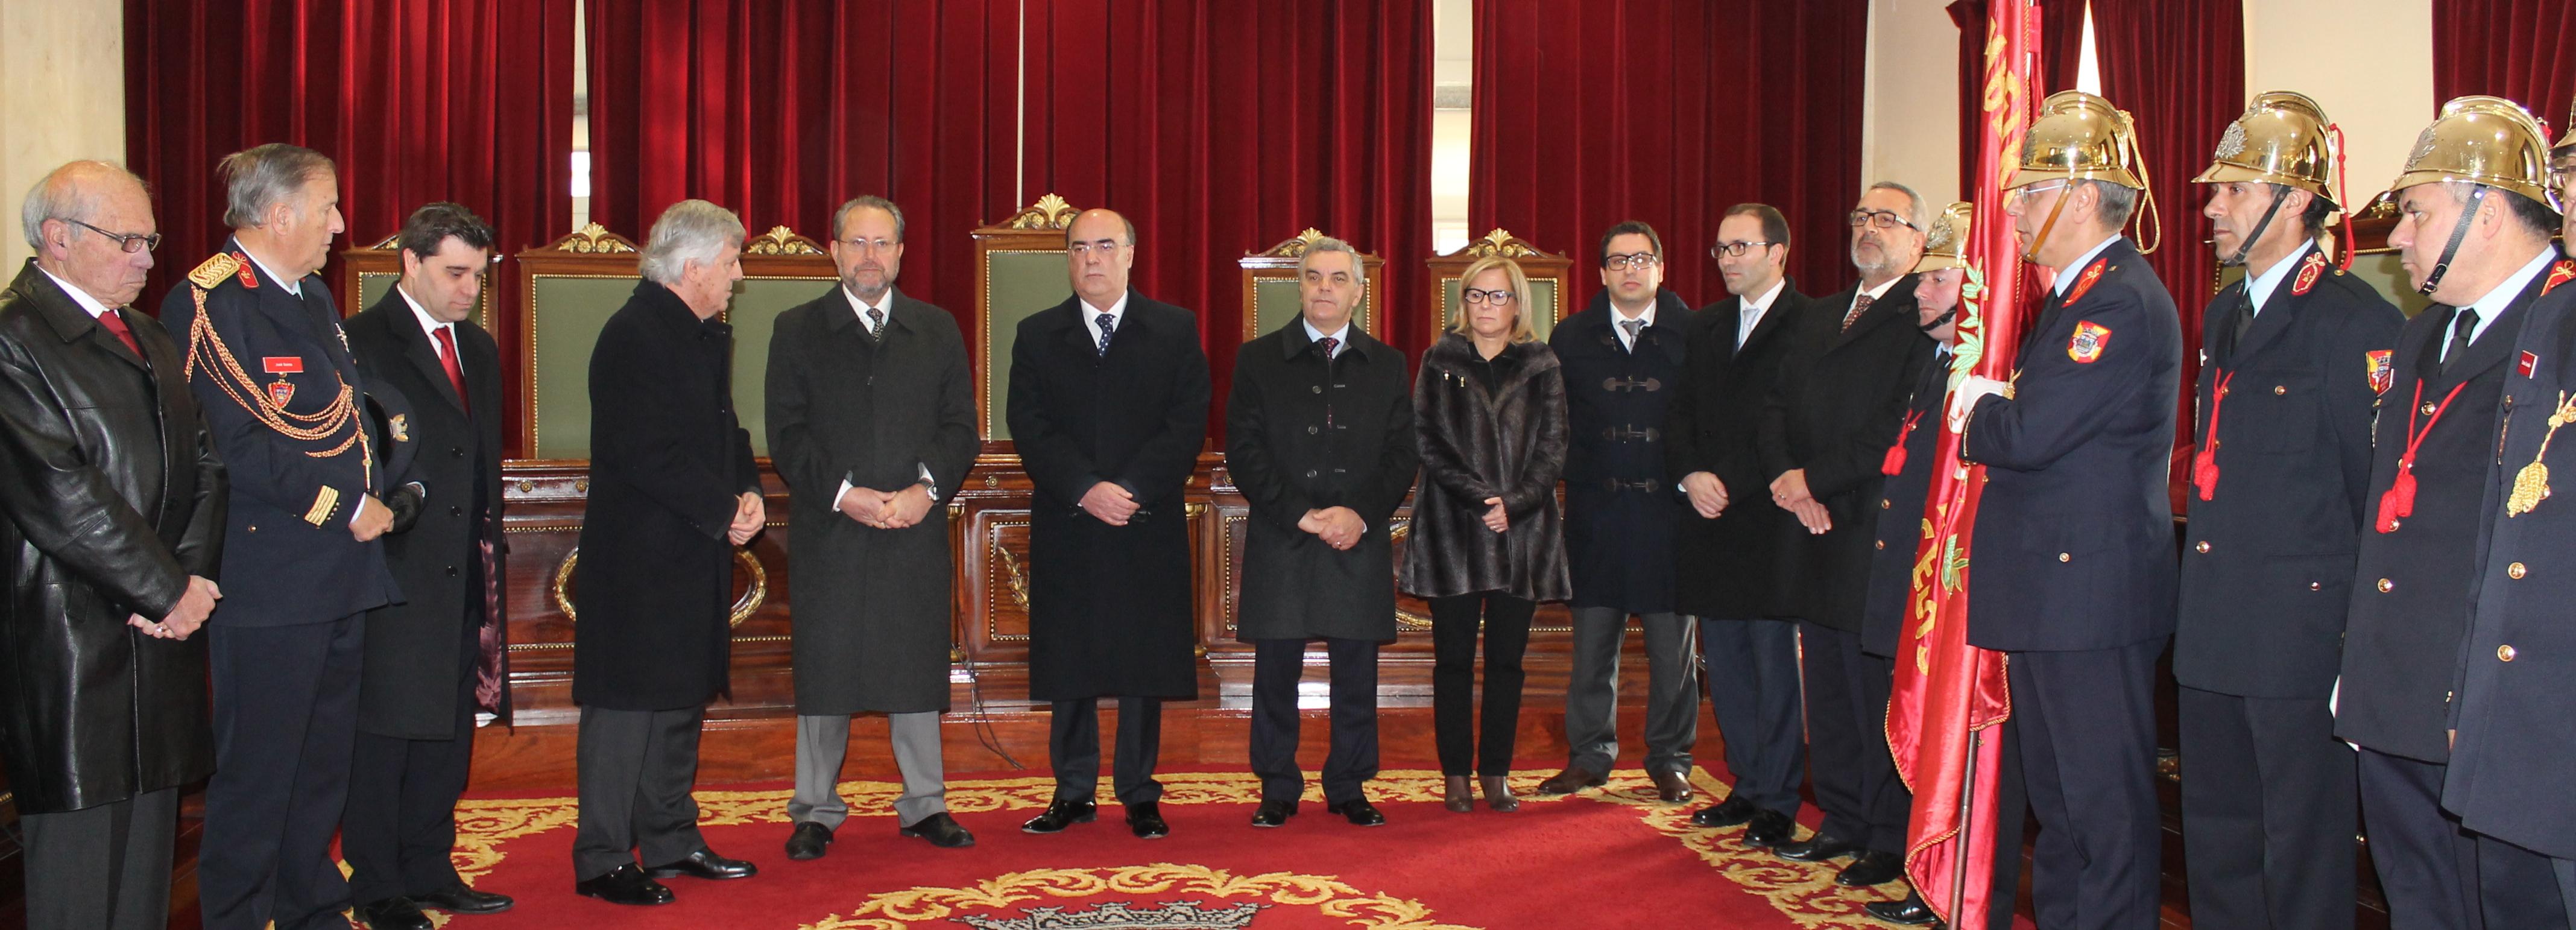 Presidente da Câmara presente nas comemorações do 132.º aniversários dos Bombeiros de Barcelos